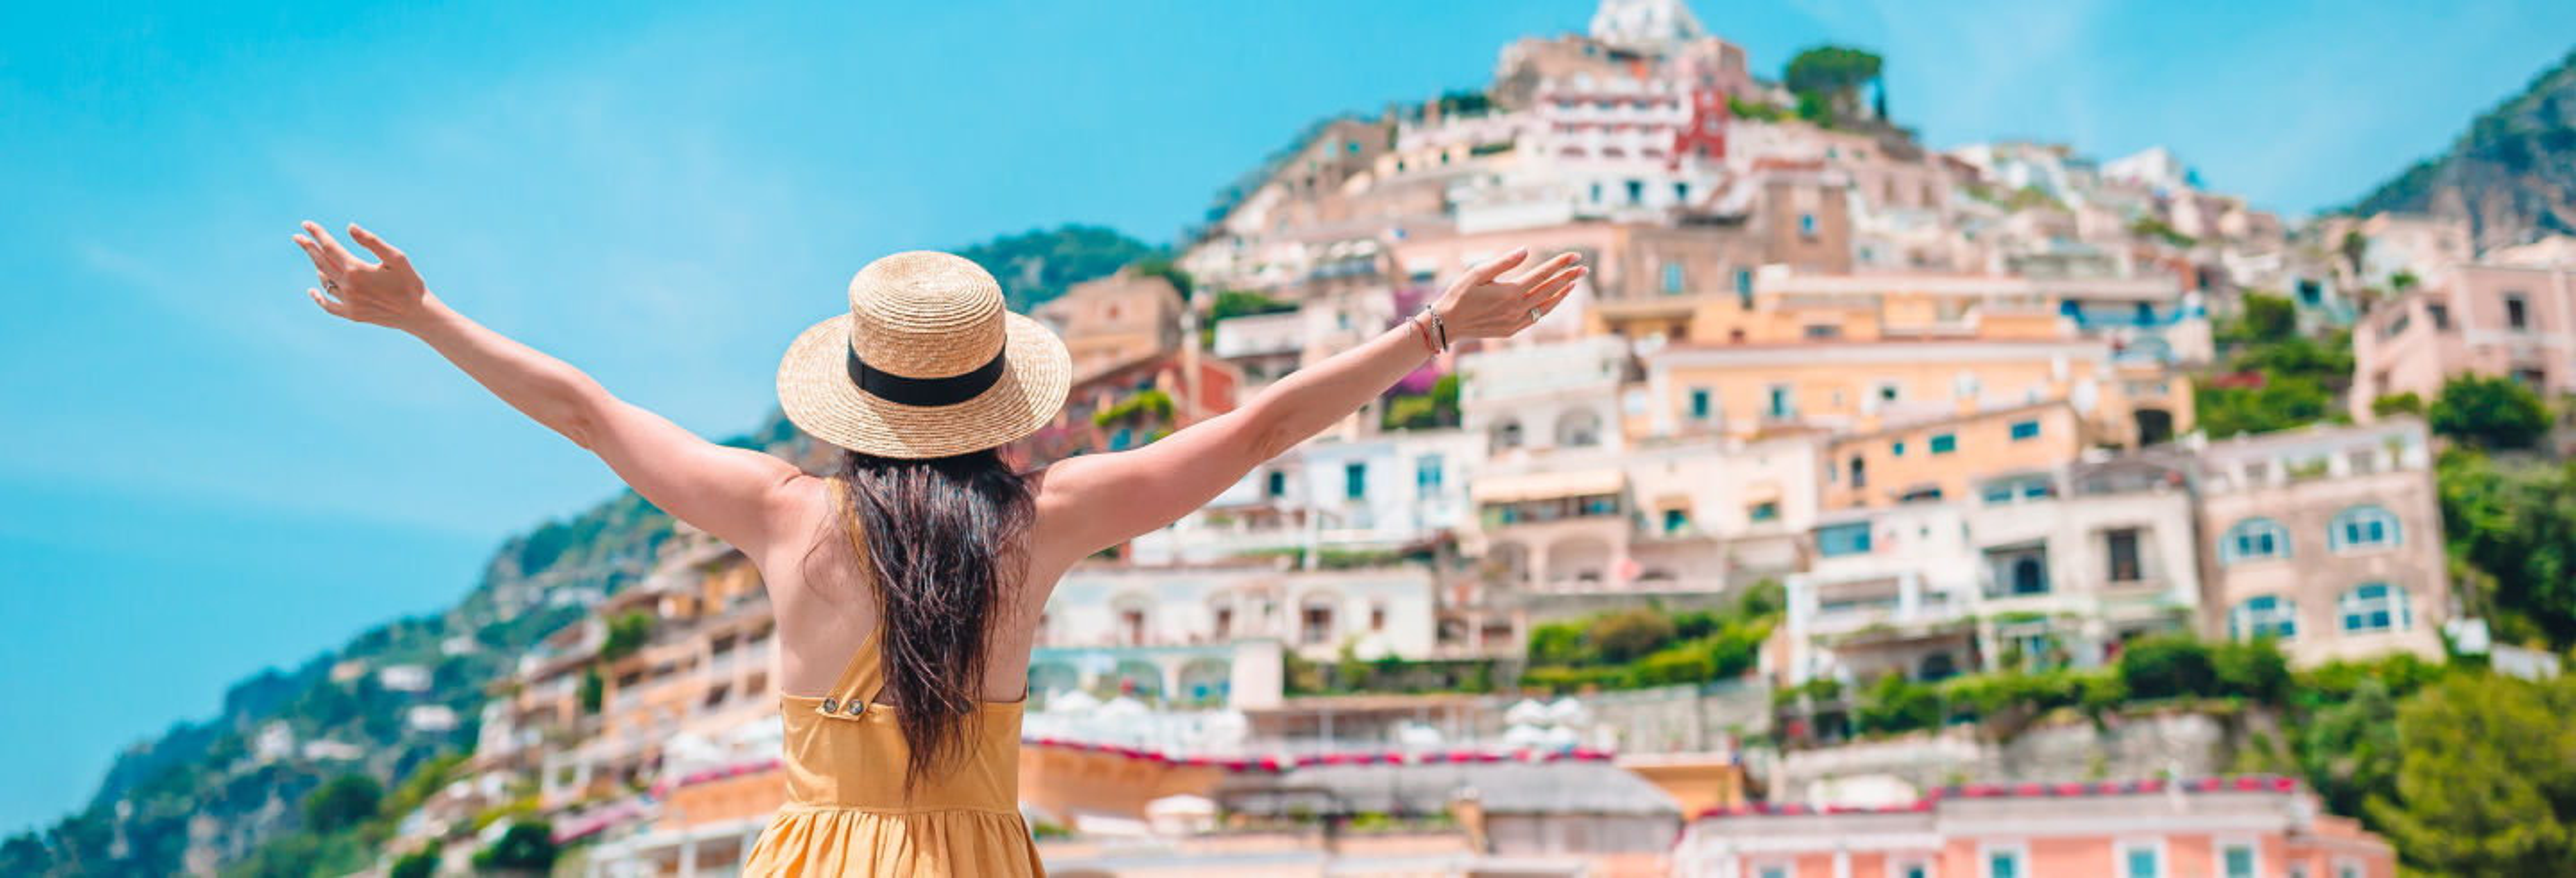 Excursión en barco por la Costa Amalfitana